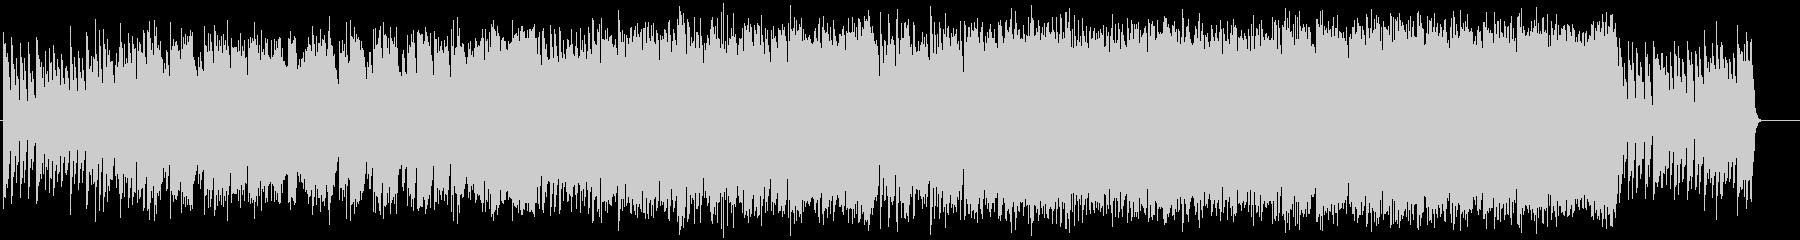 ピアノとオケの伝奇をイメージしたBGMの未再生の波形